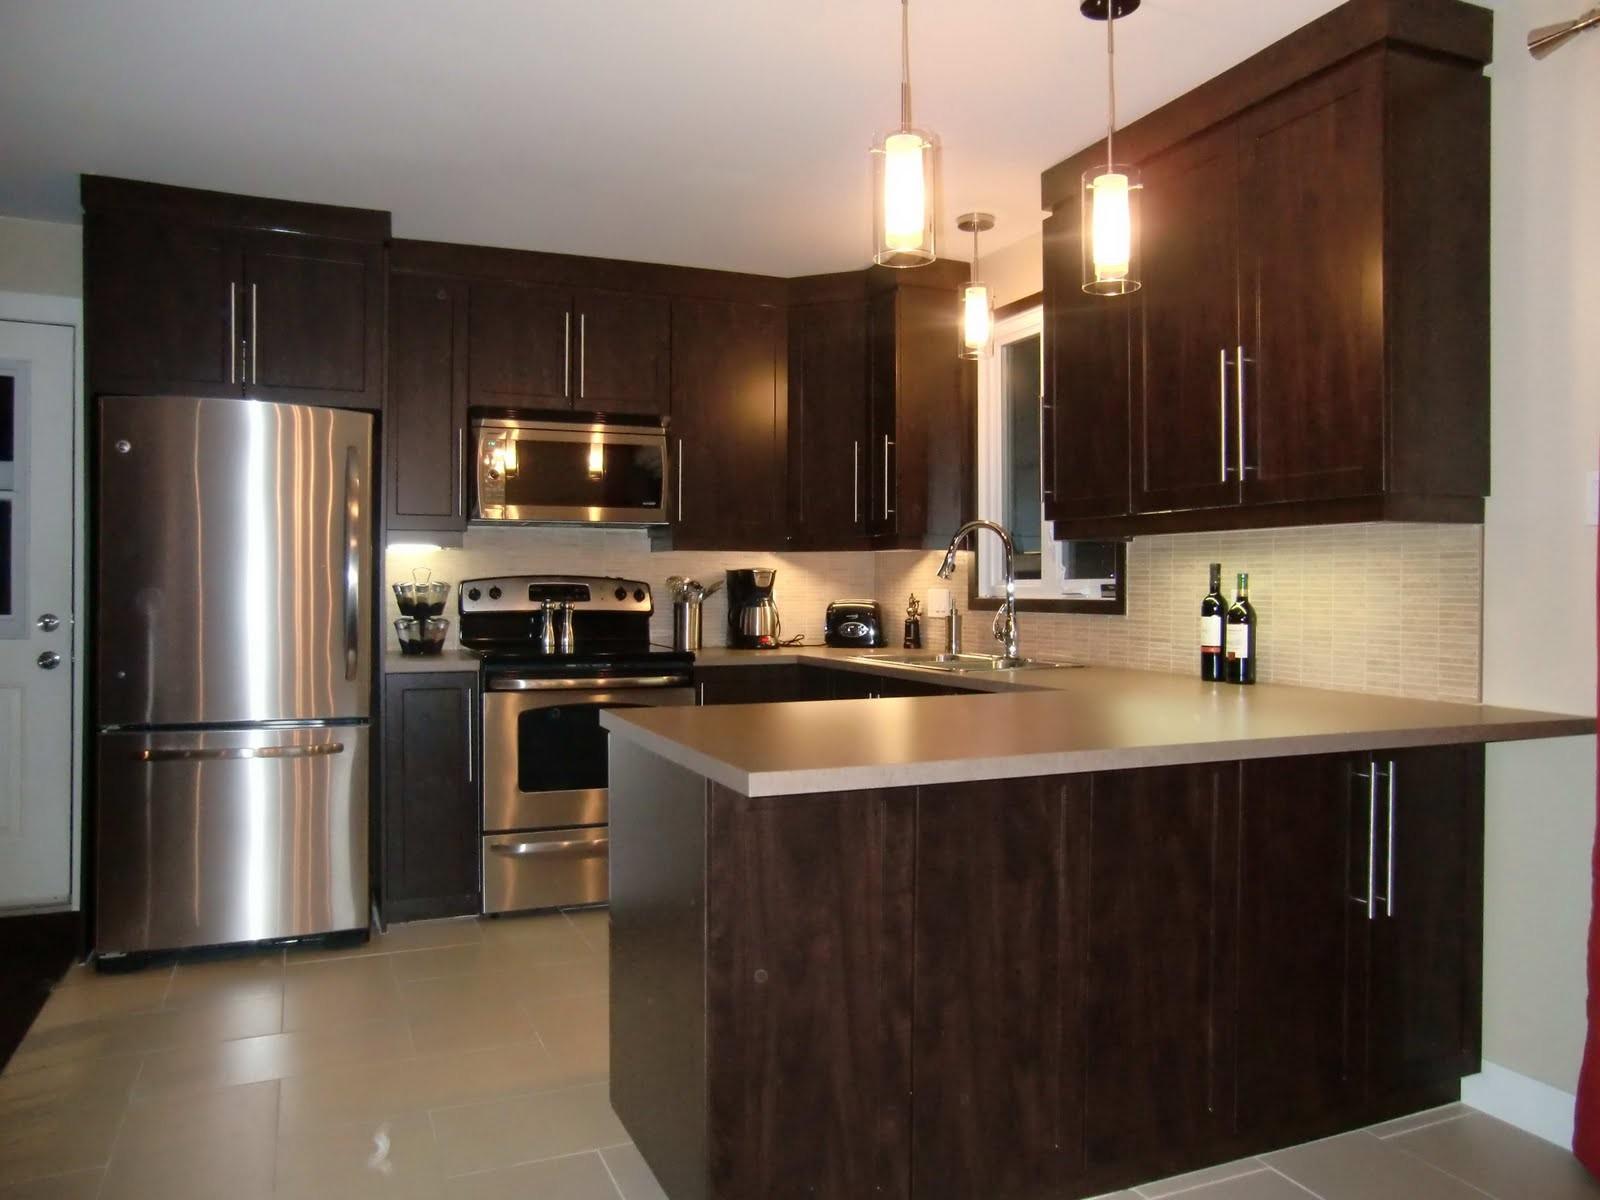 Armoir de cuisine a donner armoire id es de d coration for Armoir de cuisine